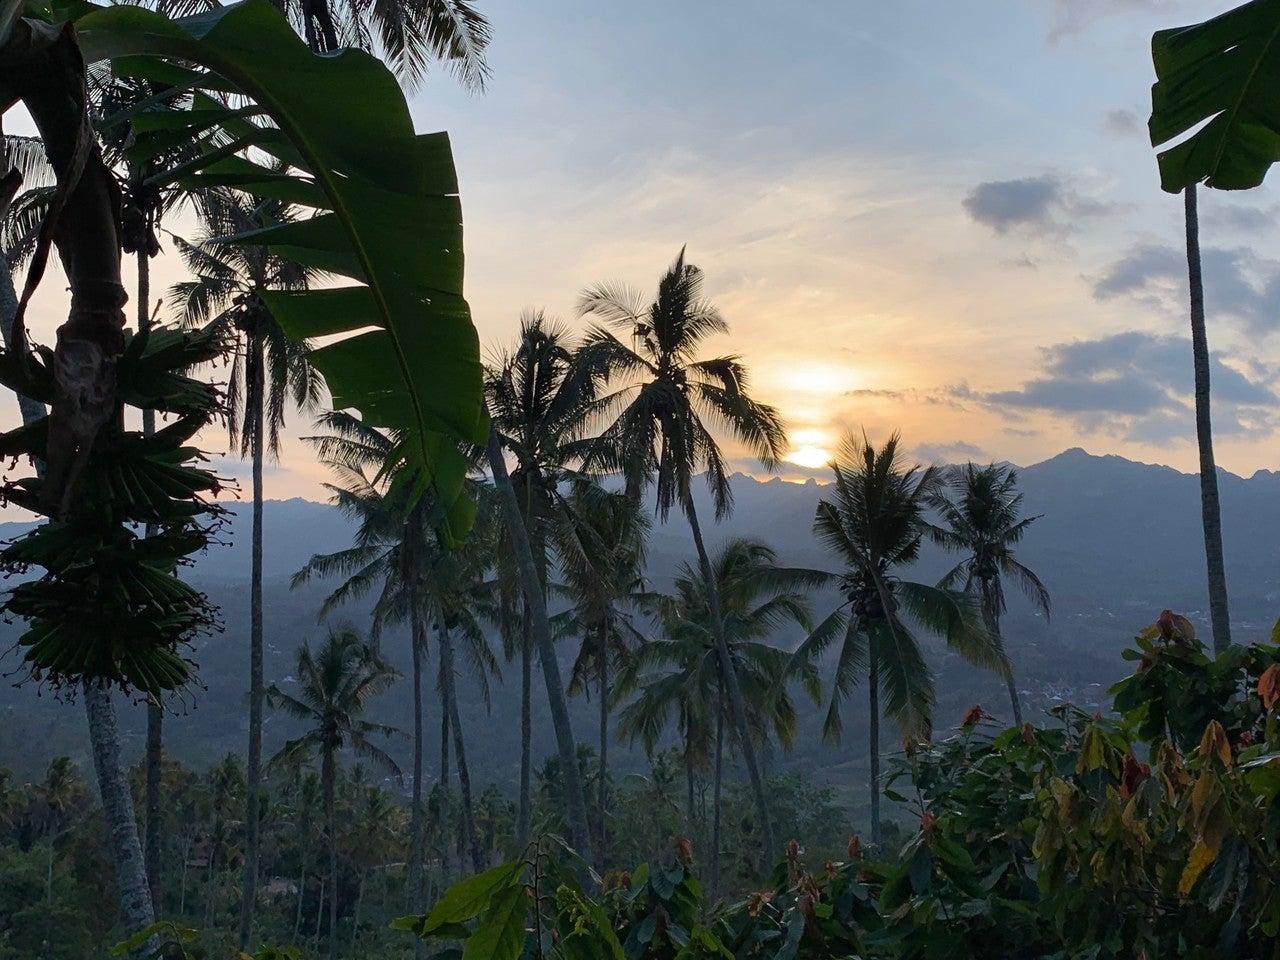 ⑯エンレカンの夕暮れとバナナの木